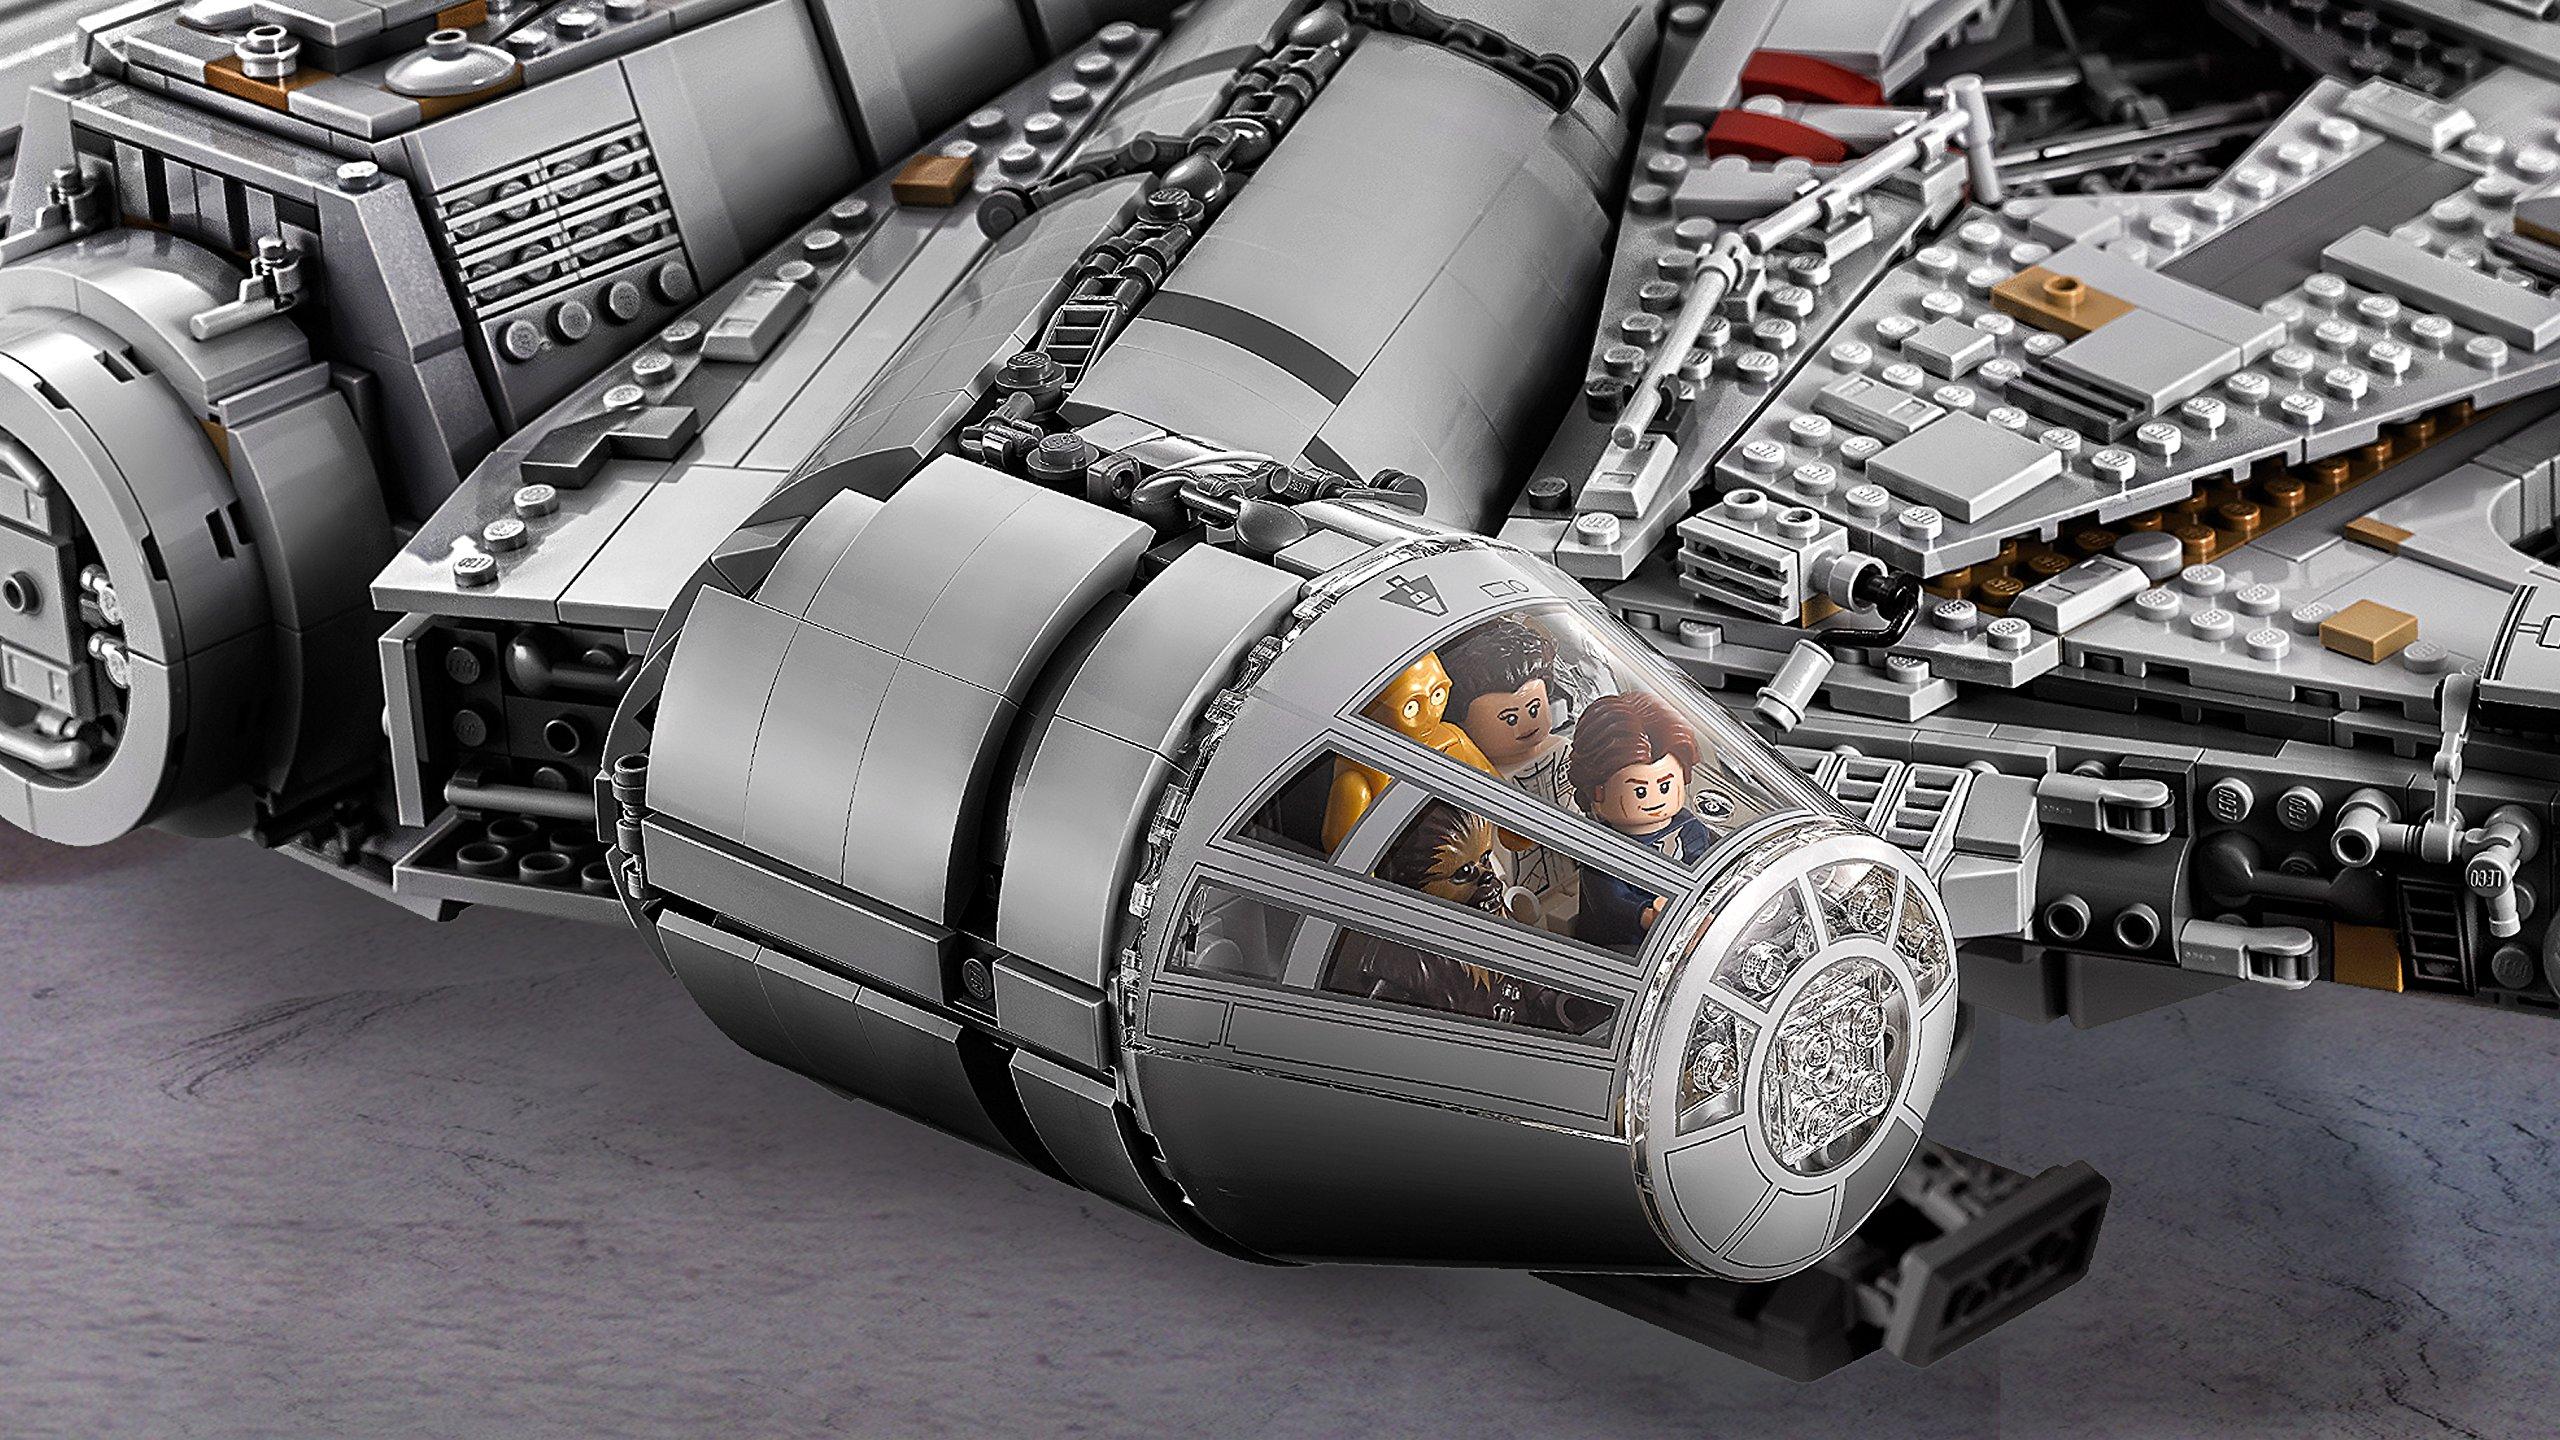 LEGO Millennium Falcon Costruzioni Piccole Gioco Bambina Giocattolo 140, Multicolore, 5702015869935 5 spesavip